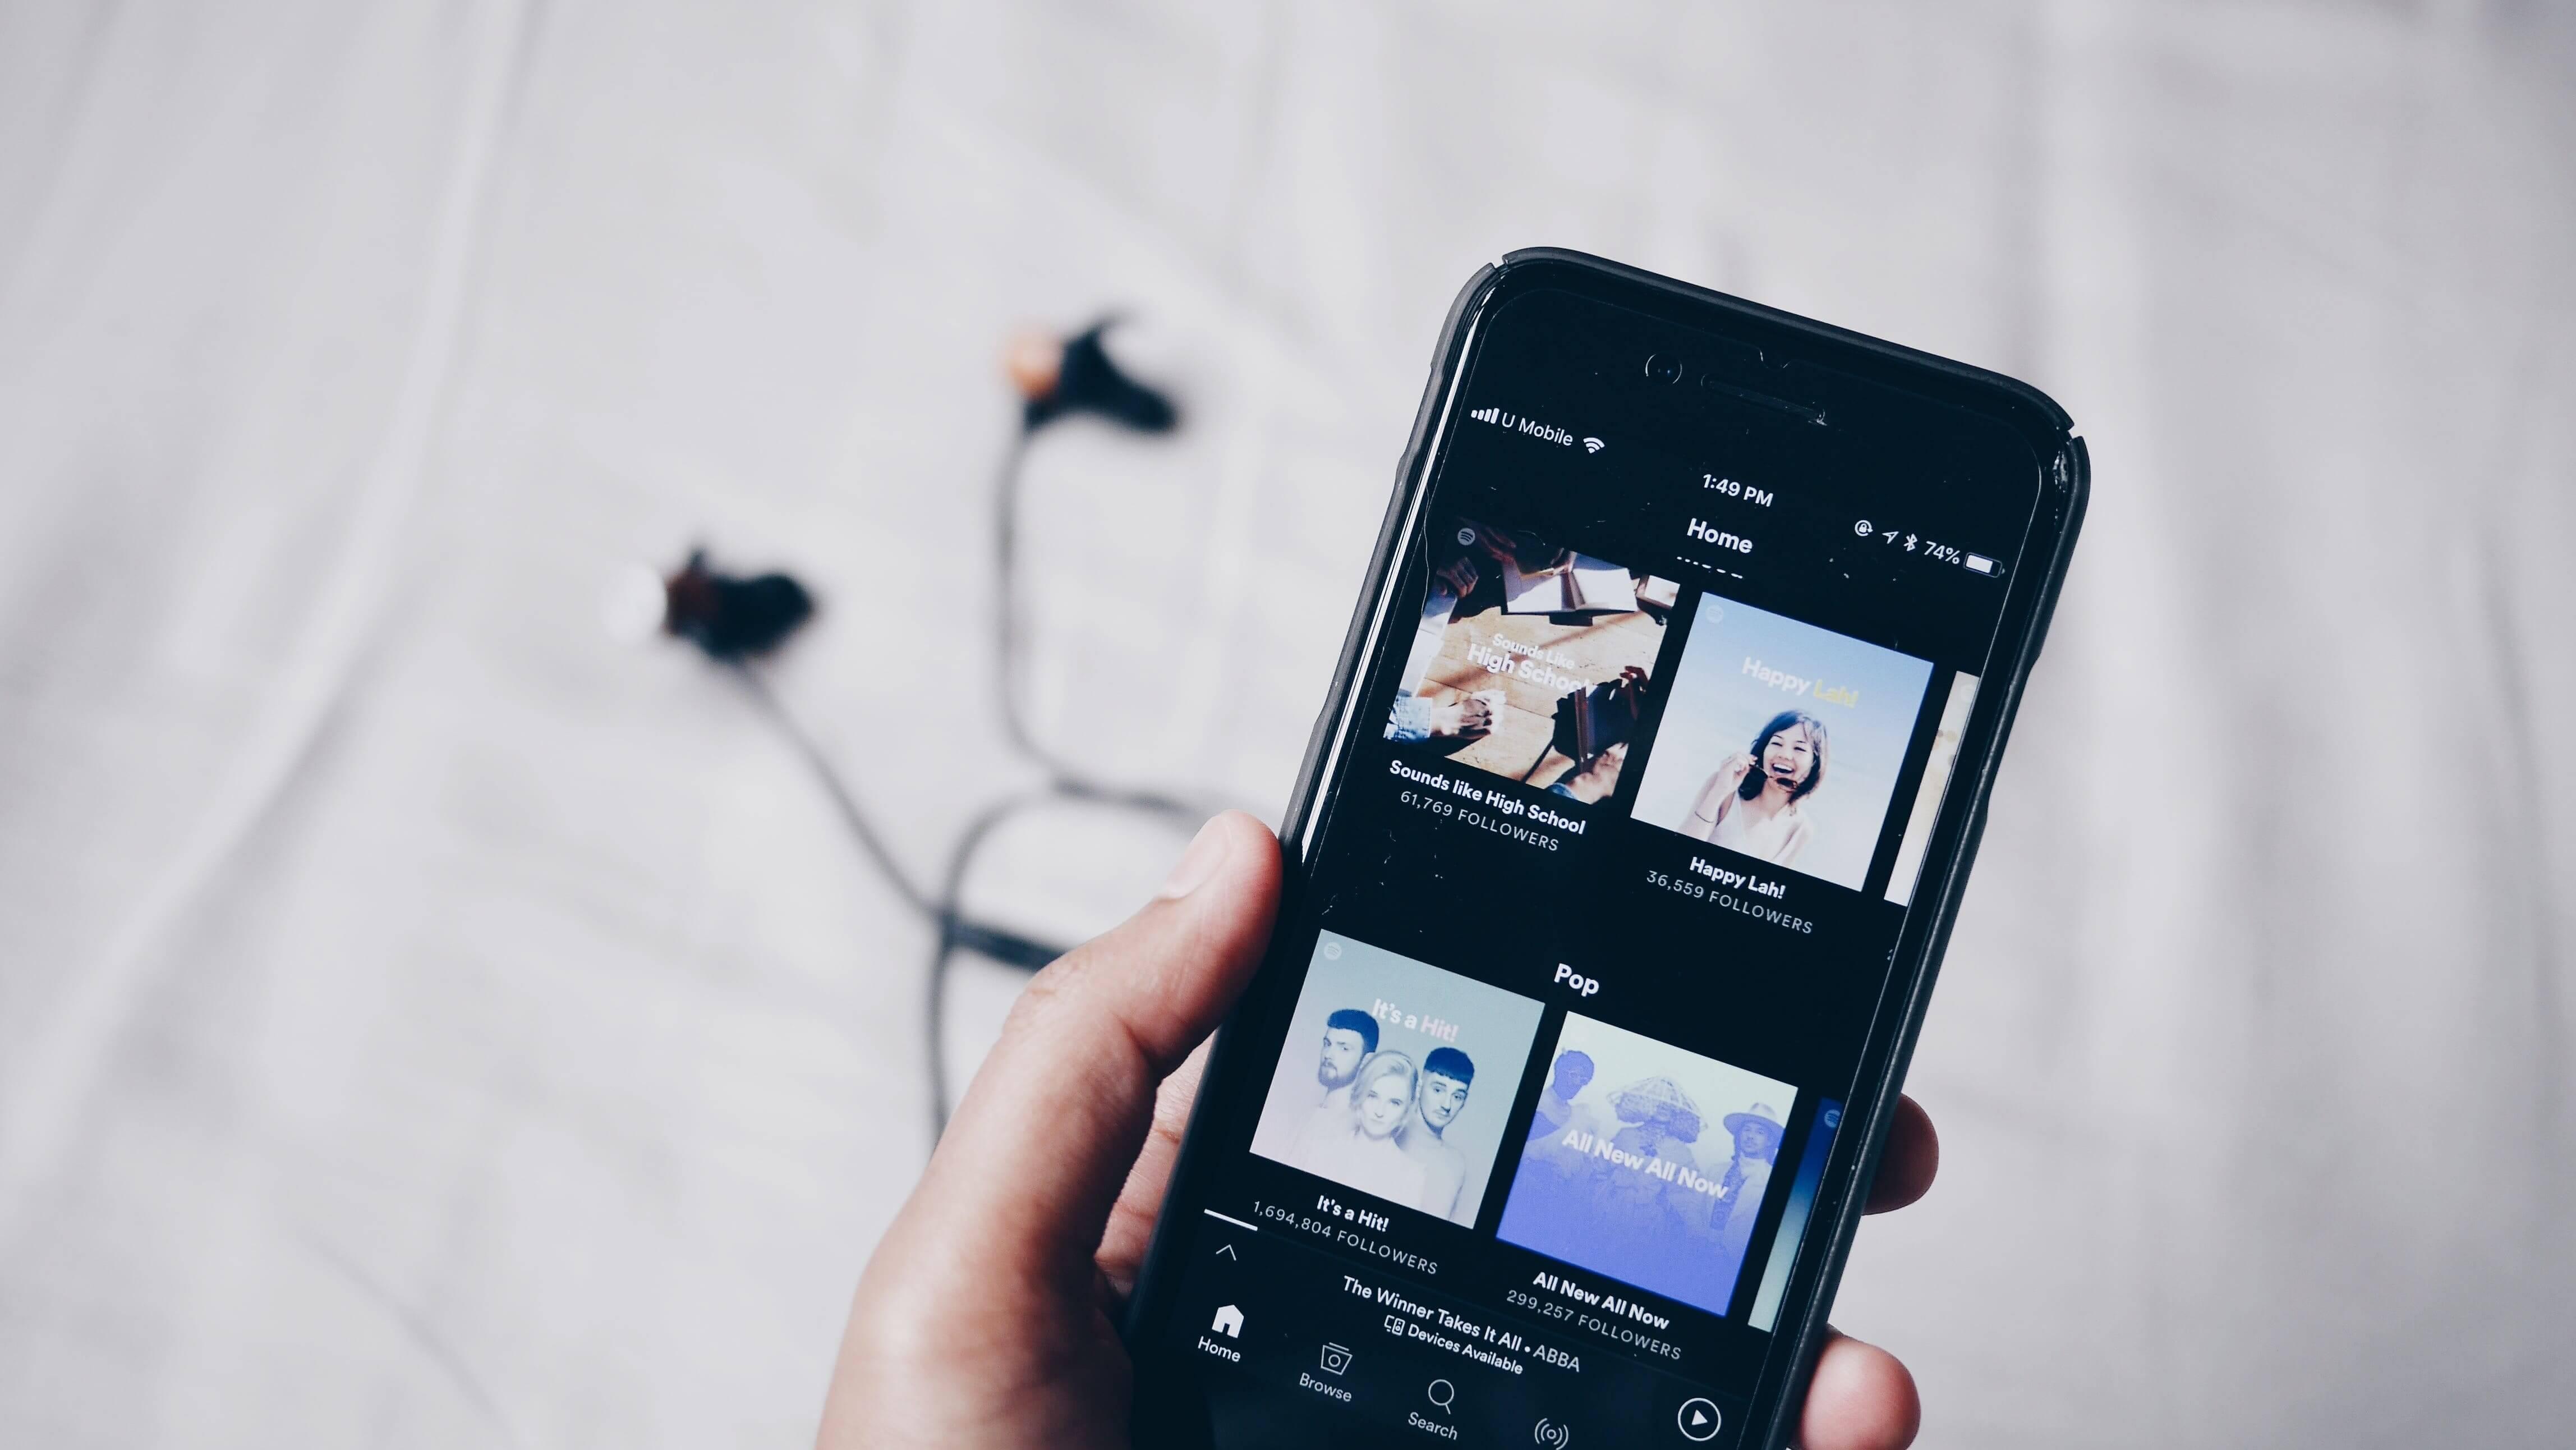 В бесплатной версии Spotify можно будет пропускать рекламу